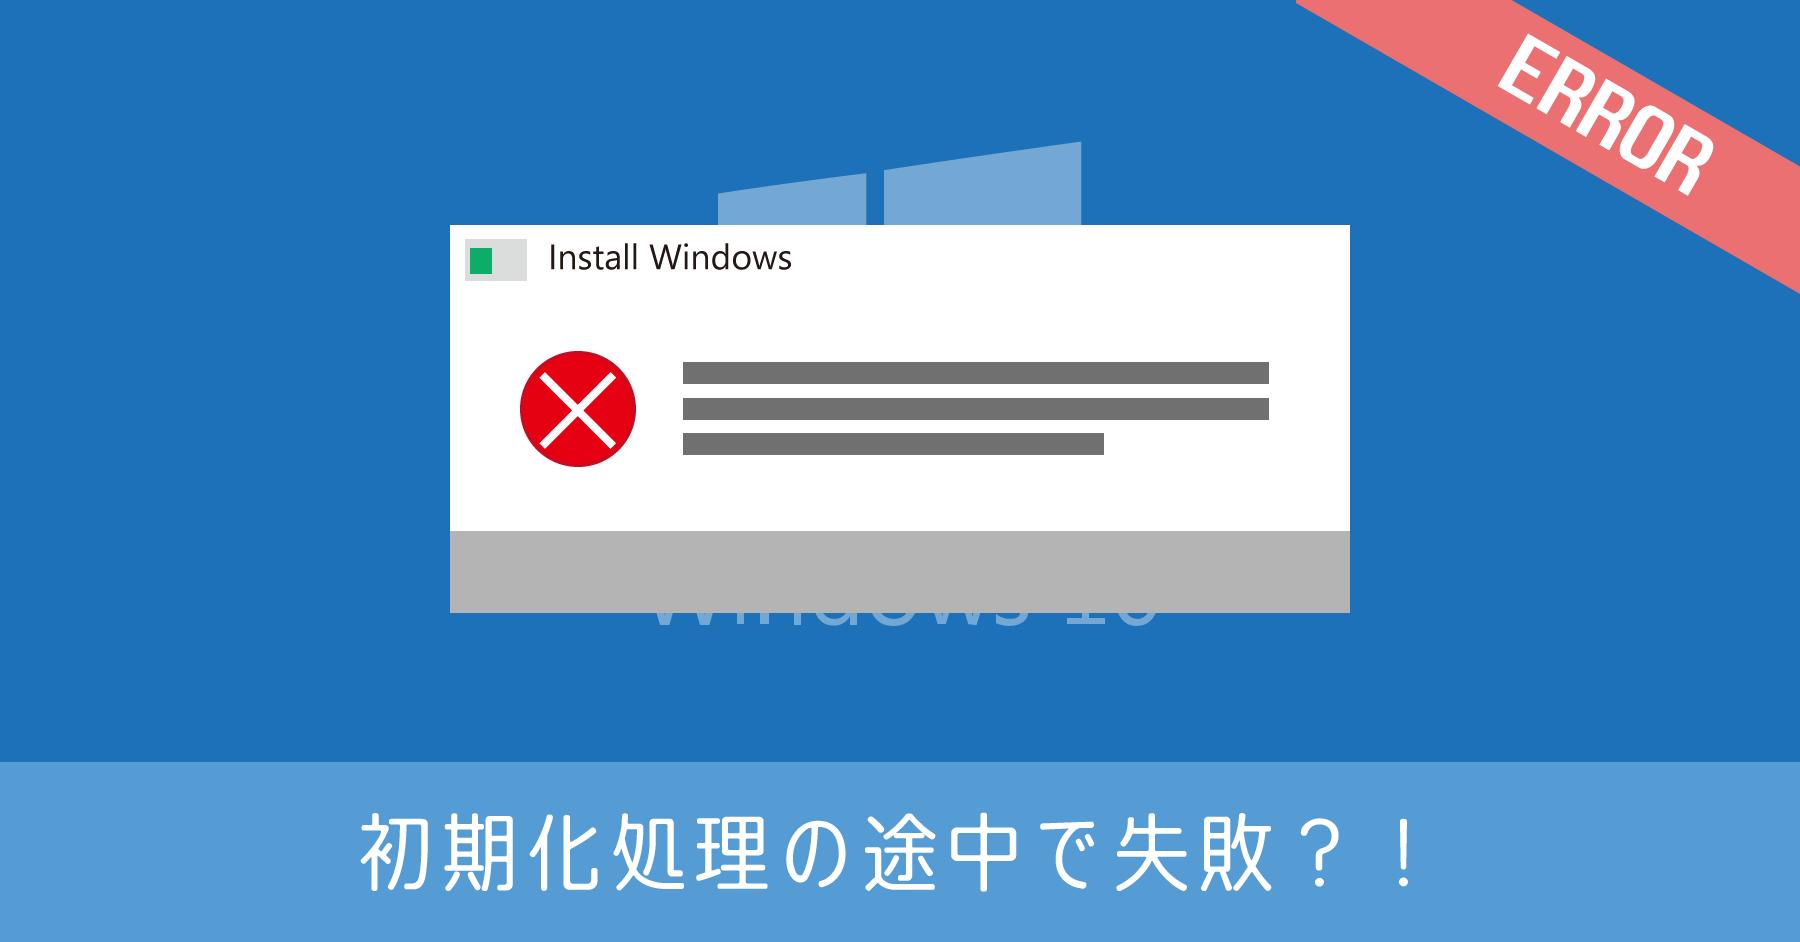 Windows 10 初期化中にエラーで起動できない